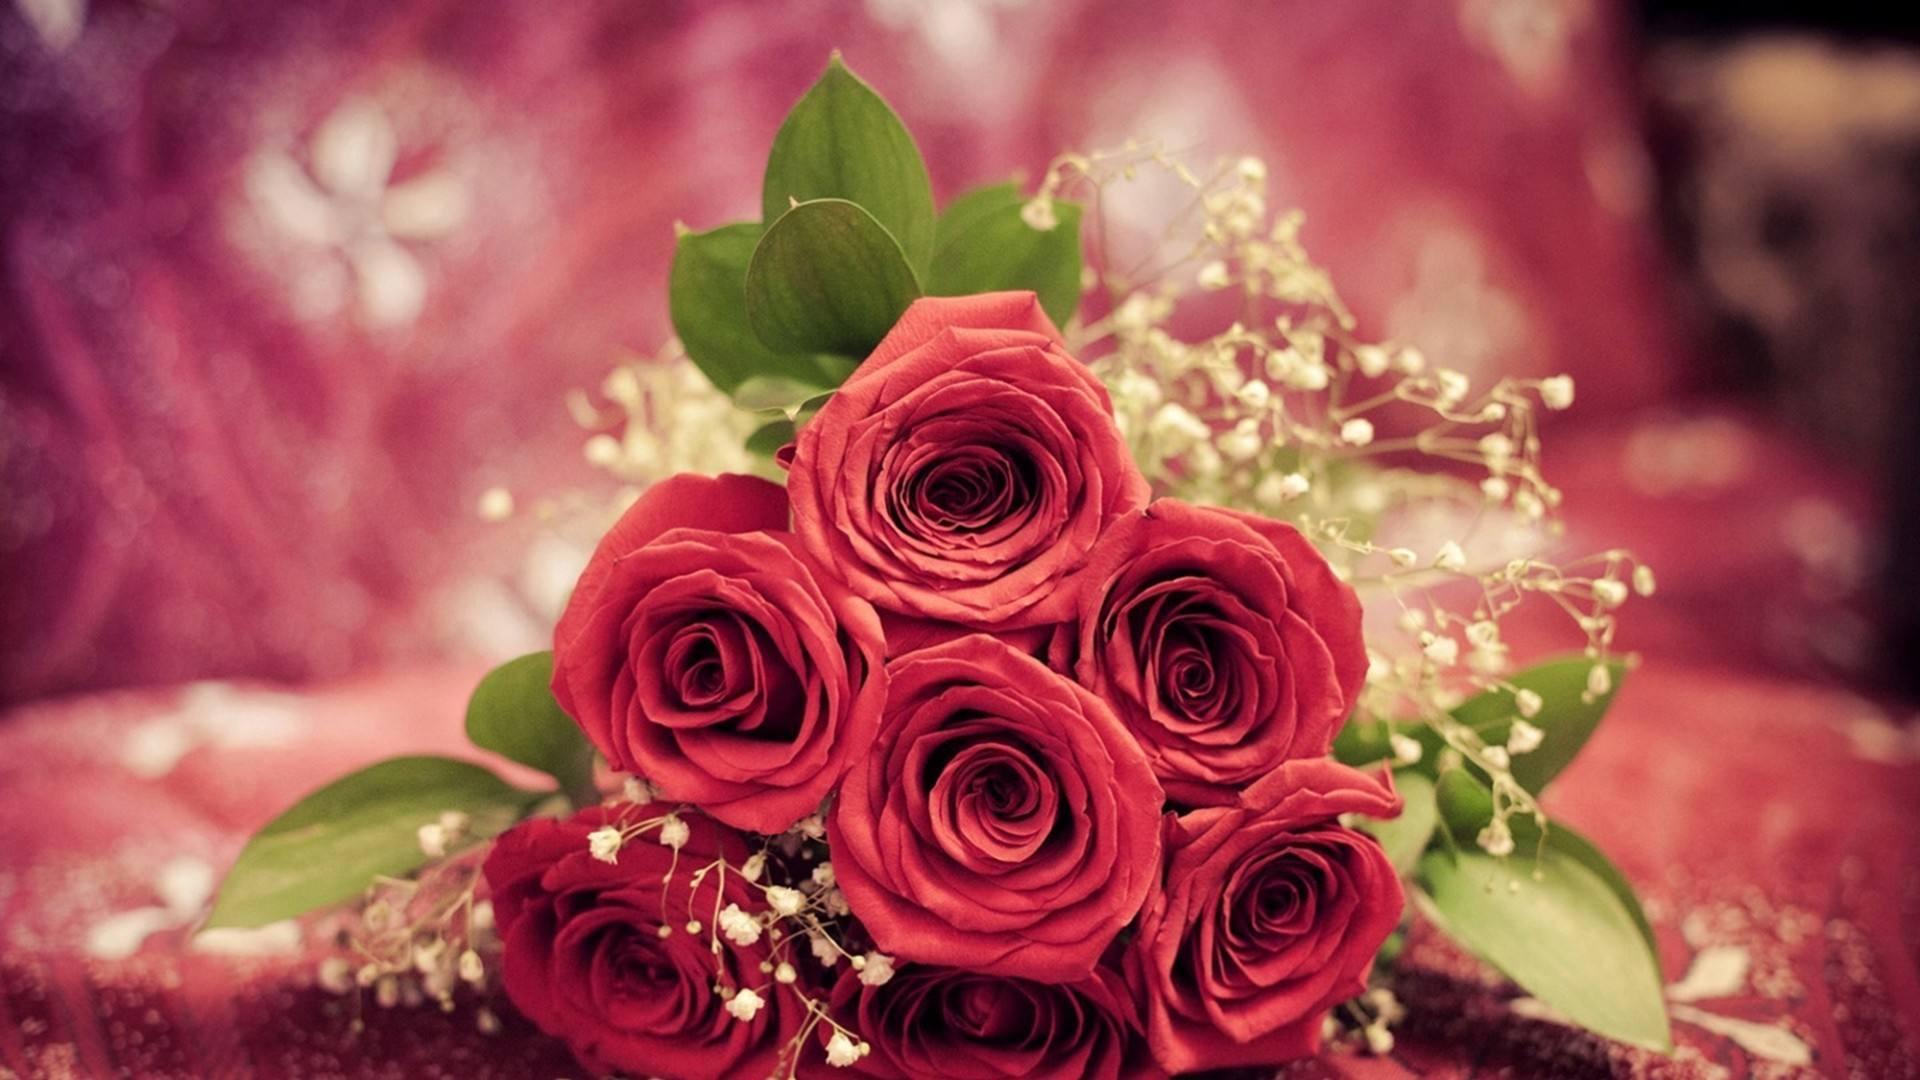 情侶周年紀念日朋友圈秀恩愛的情話大全精選